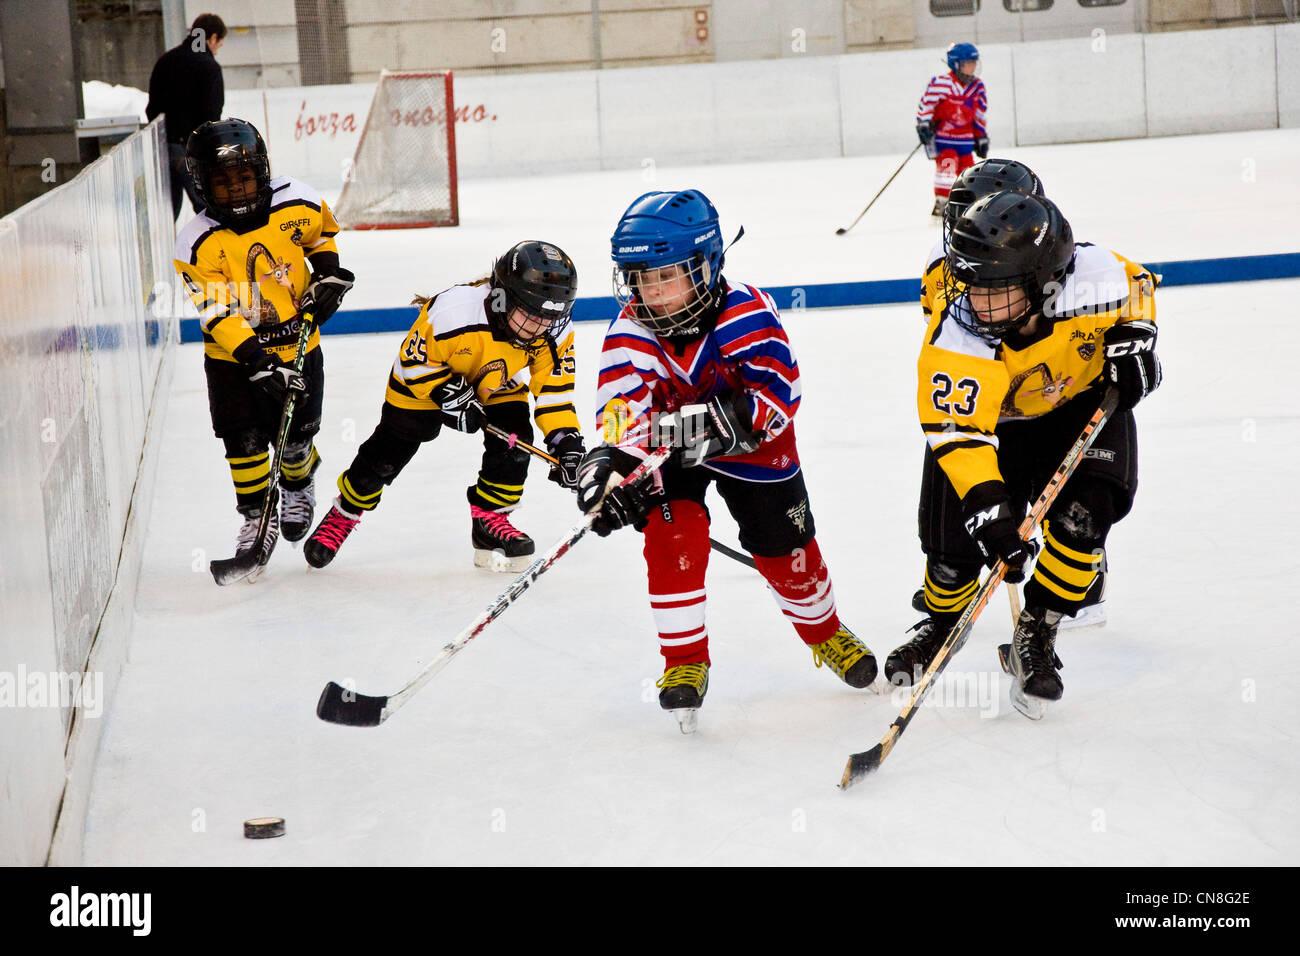 Suiza, en el Cantón Ticino, Sonogno, hockey sobre hielo Imagen De Stock